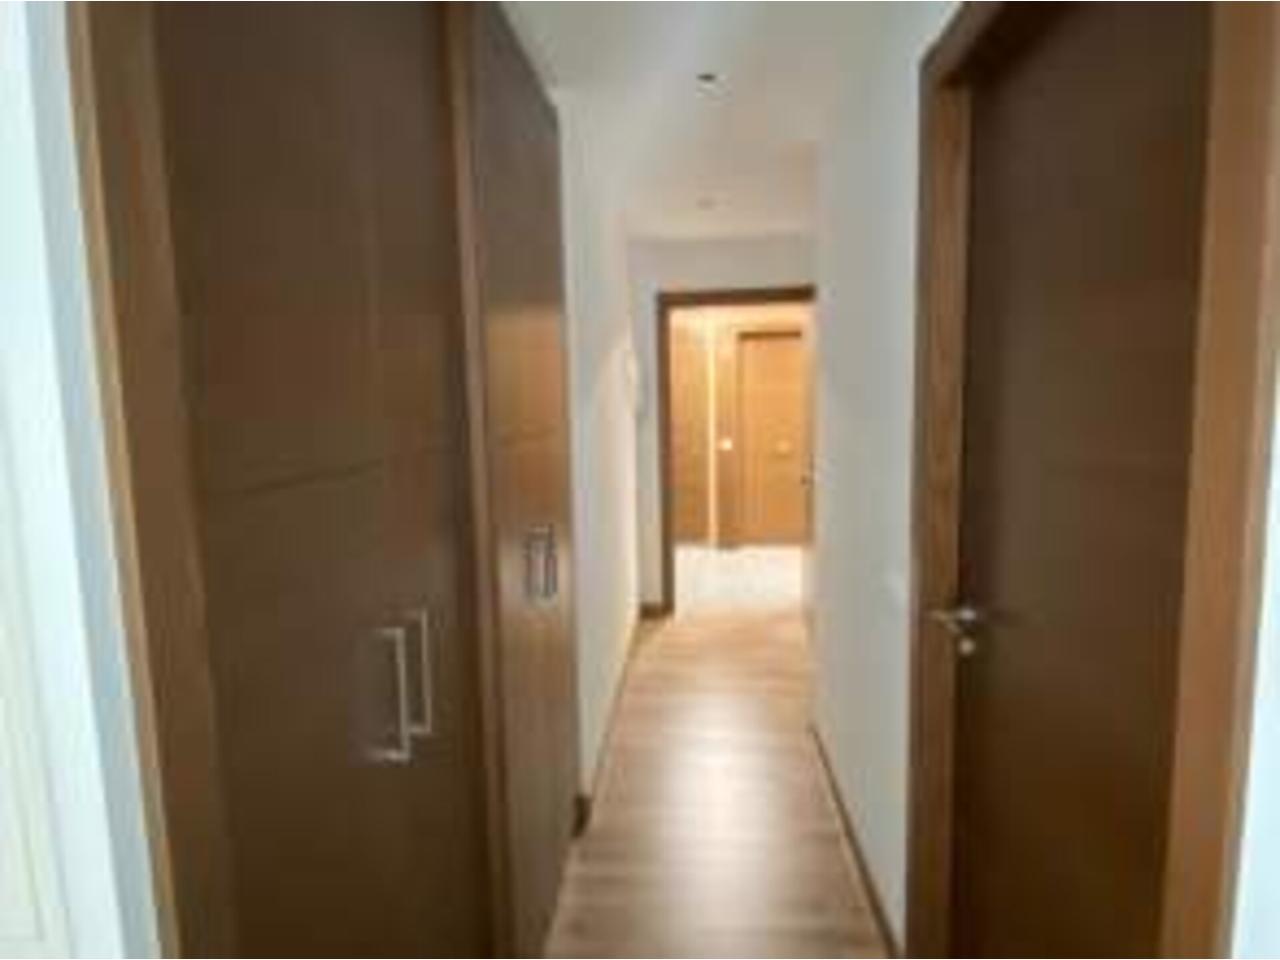 Pis en venda a Encamp, 2 habitacions, 80 metres